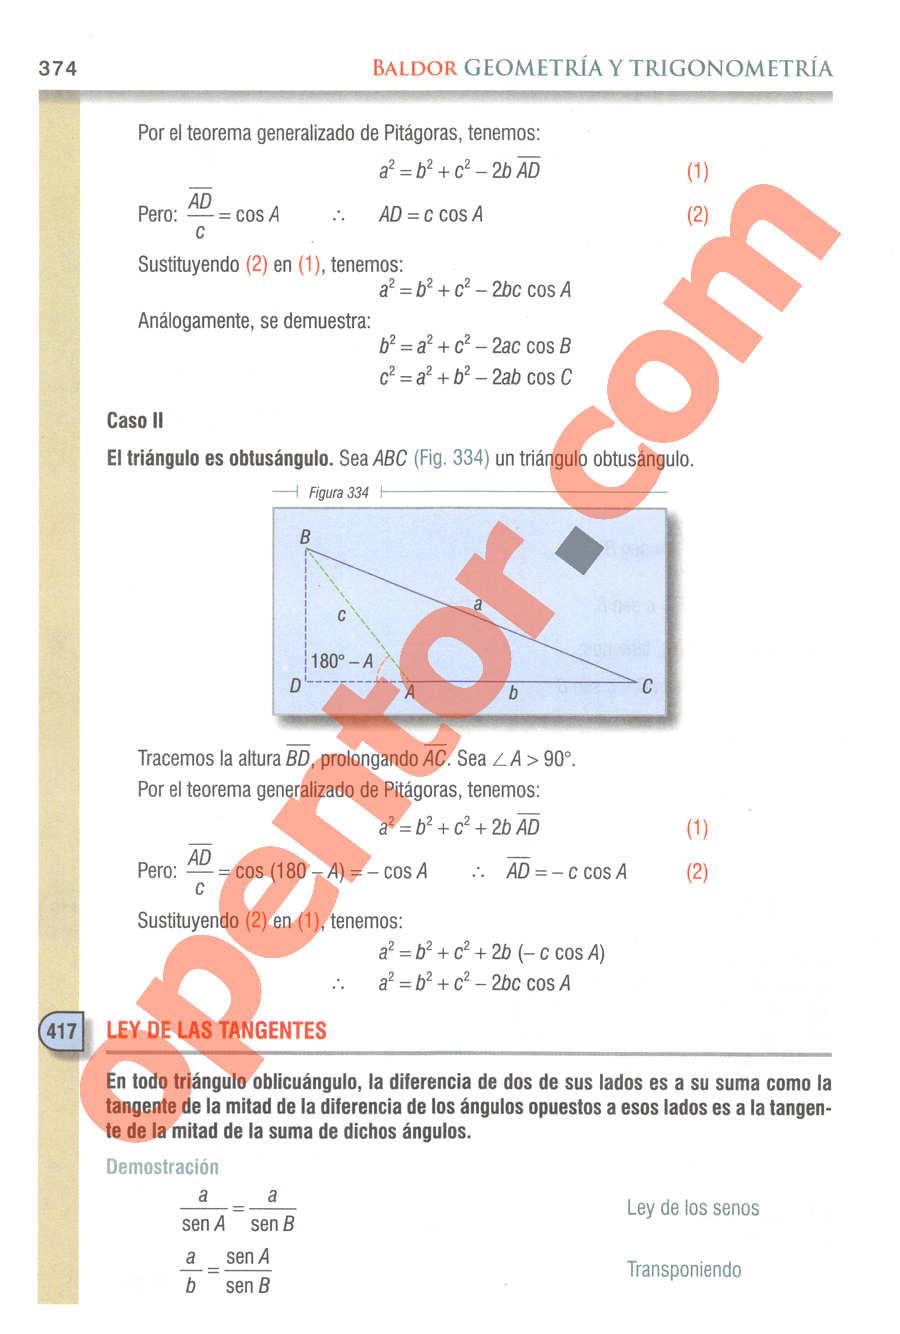 Geometría y Trigonometría de Baldor - Página 374